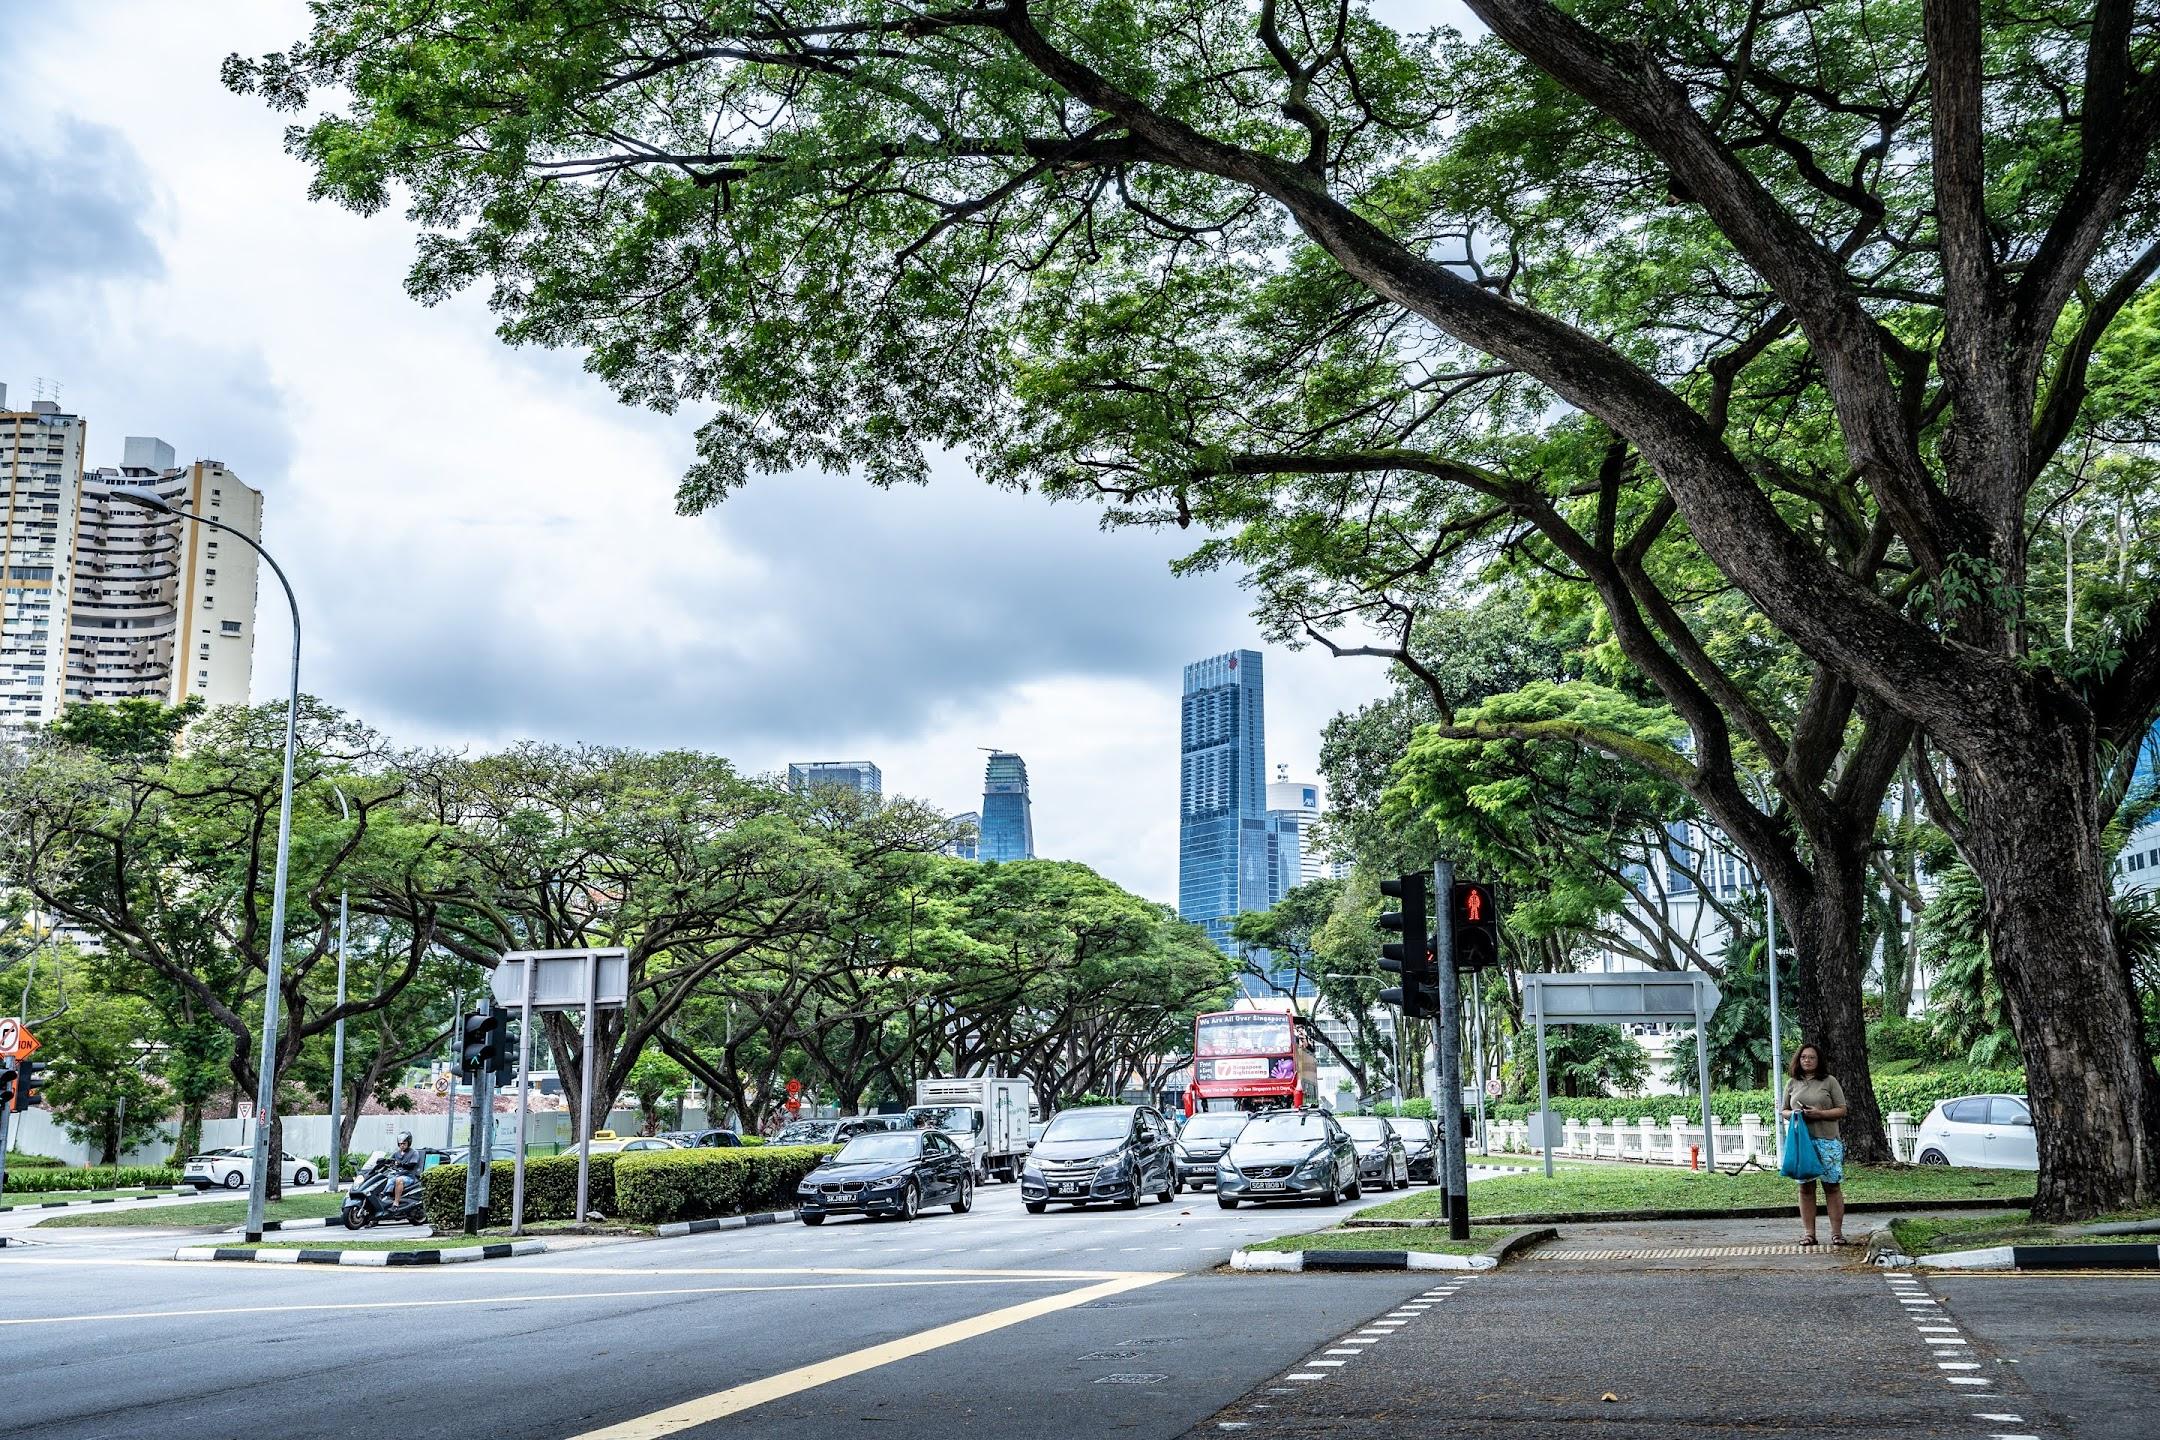 Singapore Outram Park